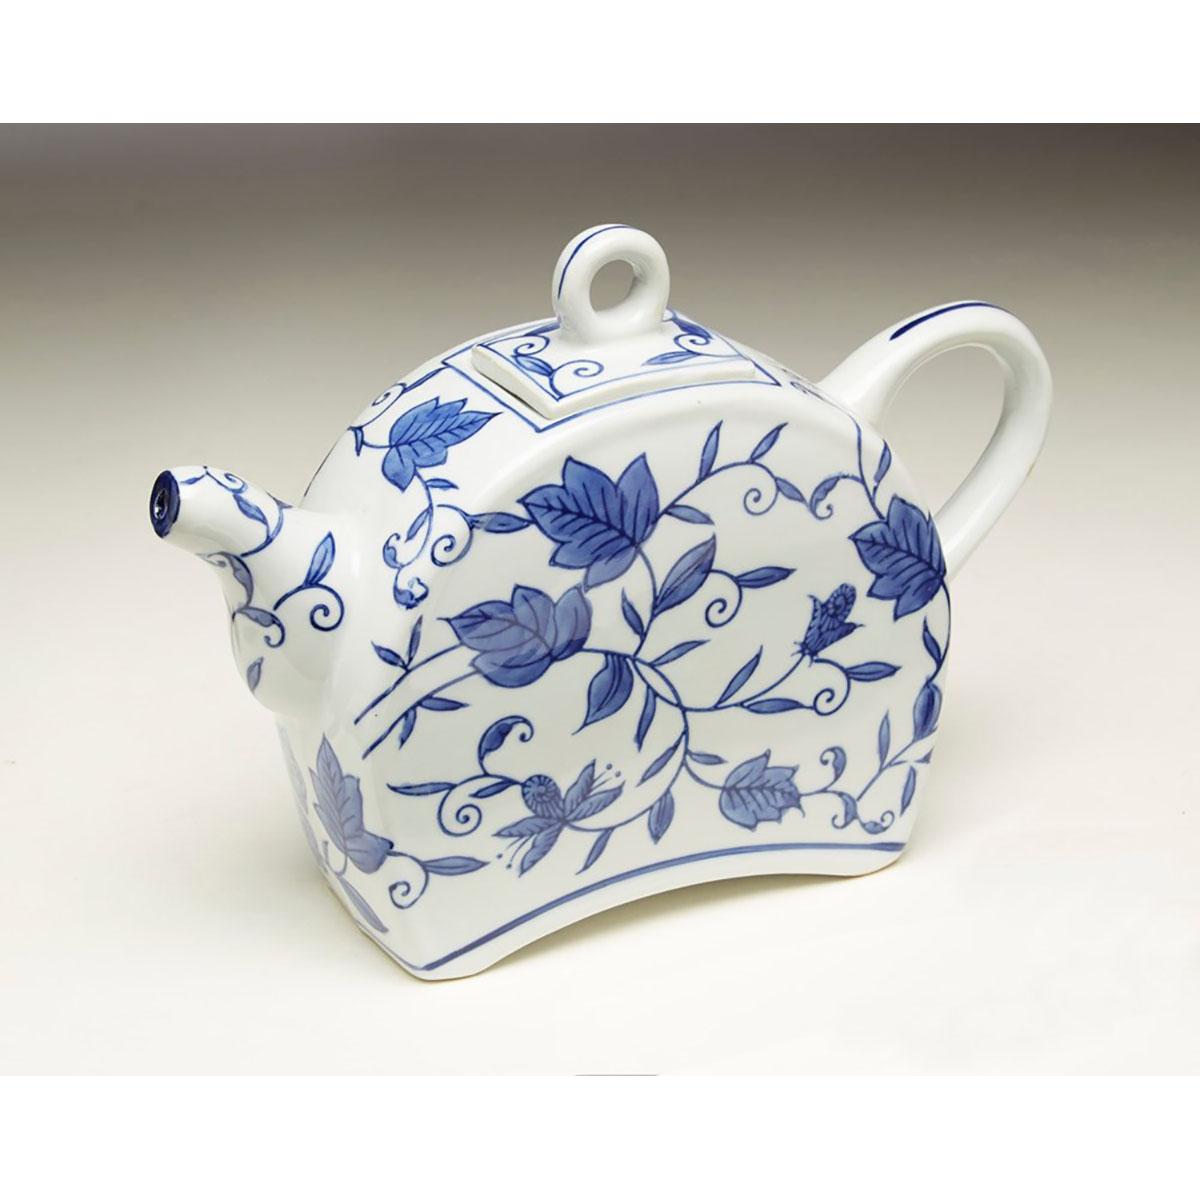 Blue & White Floral Tea Pot